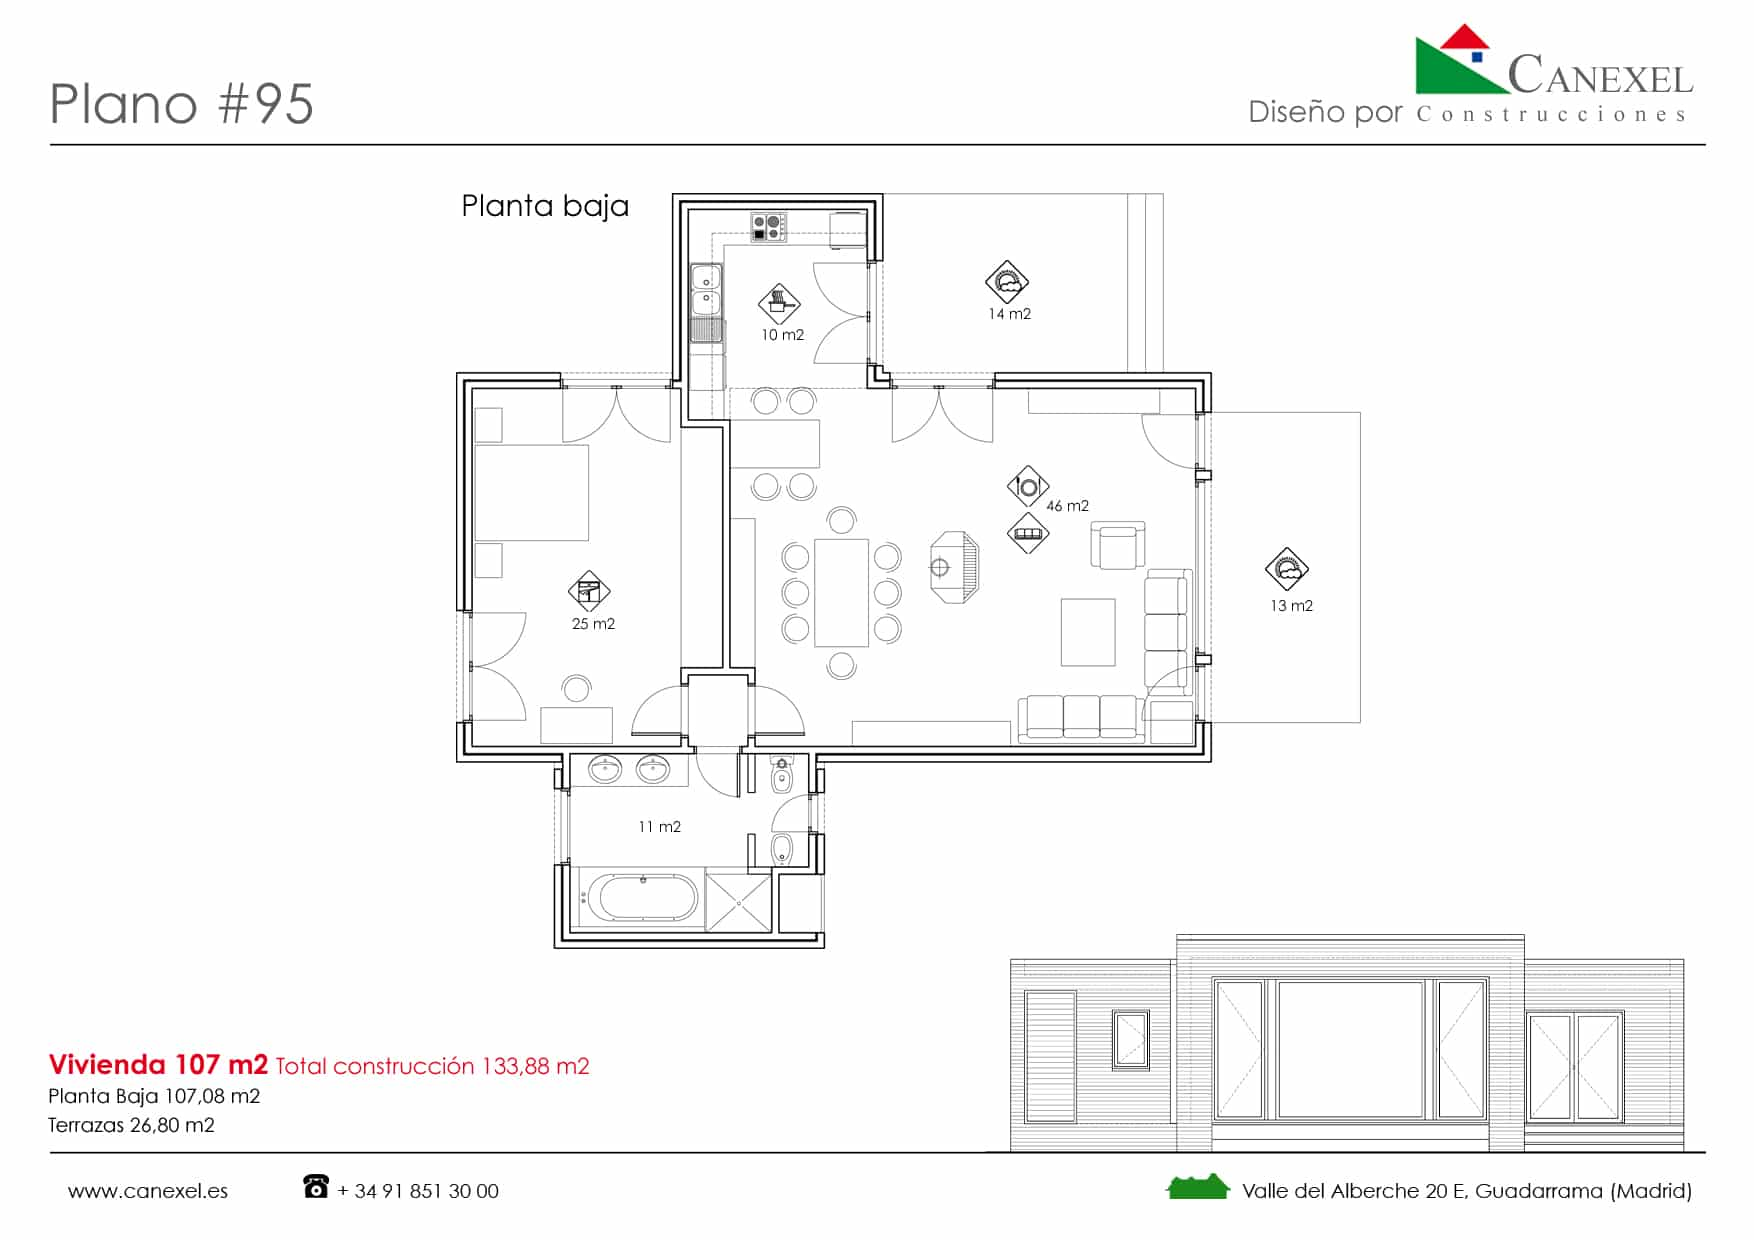 Planos de casas modernas canexel for Casa moderna de 50 m2